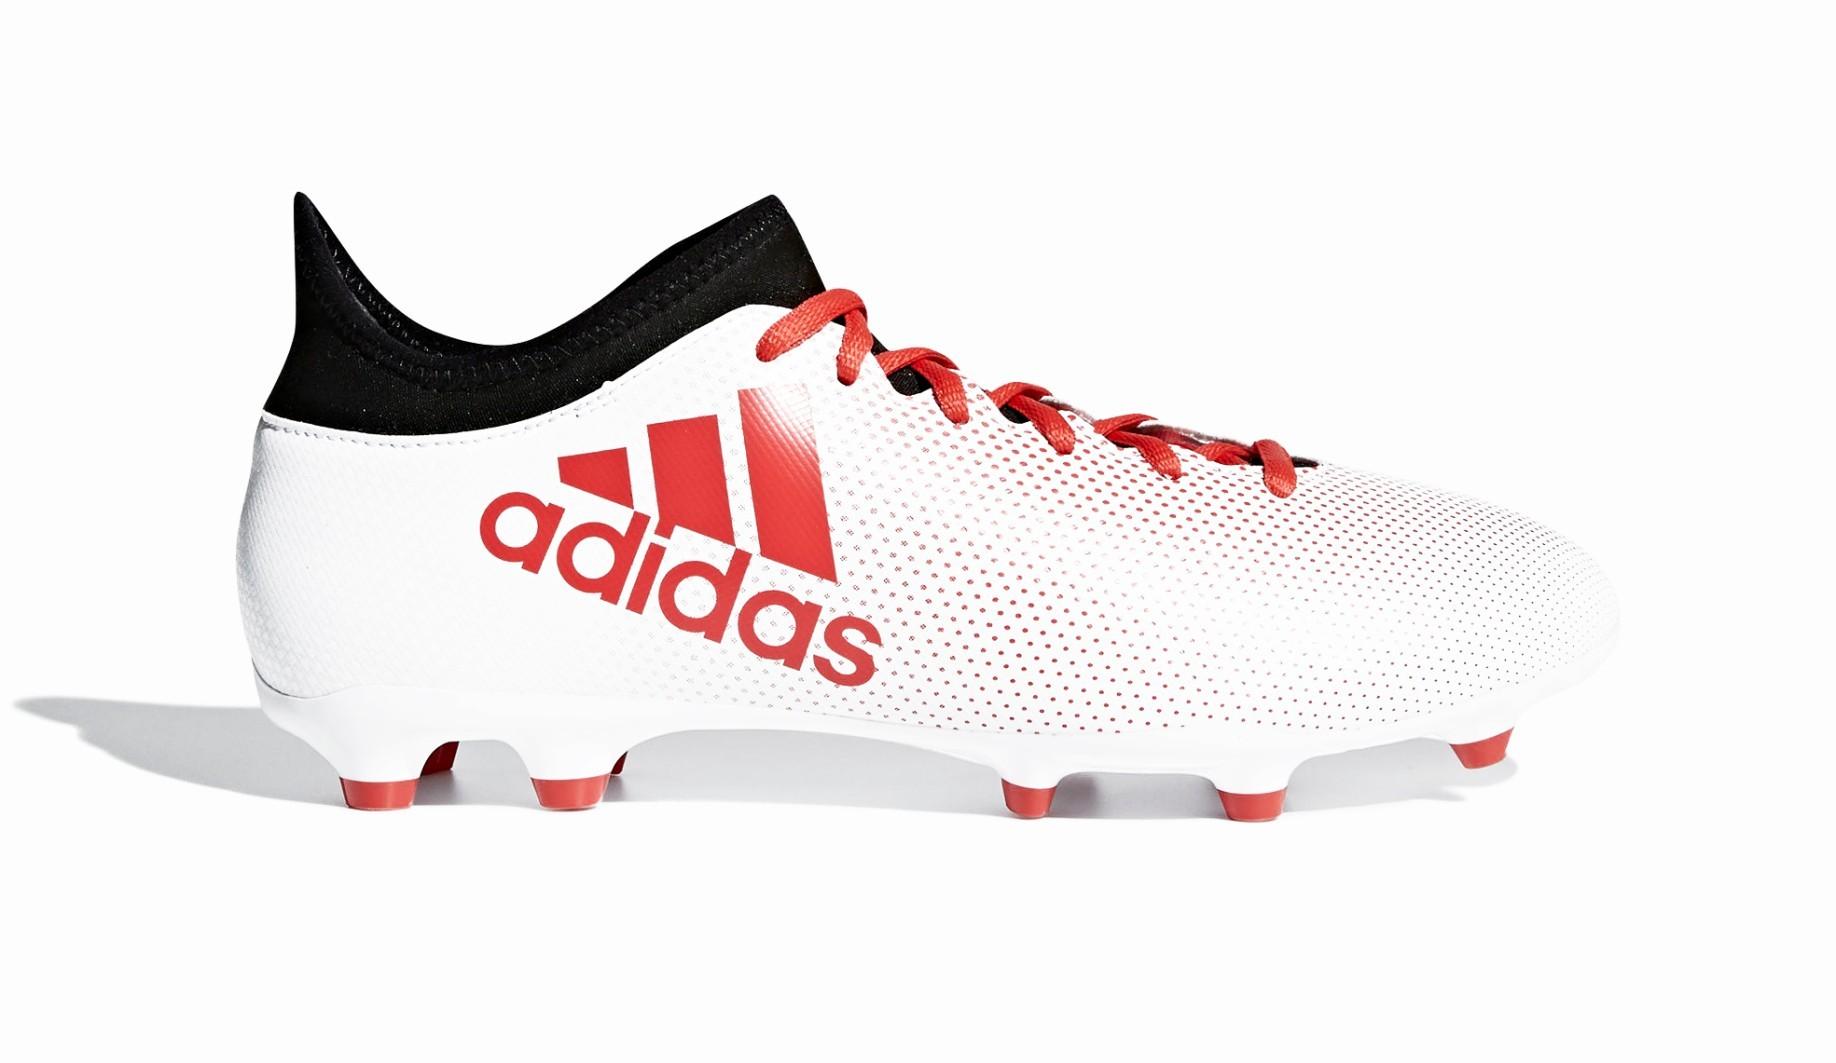 Adidas X 17.3 FG SCARPA CALCiO art. CP9192 | Acquisti